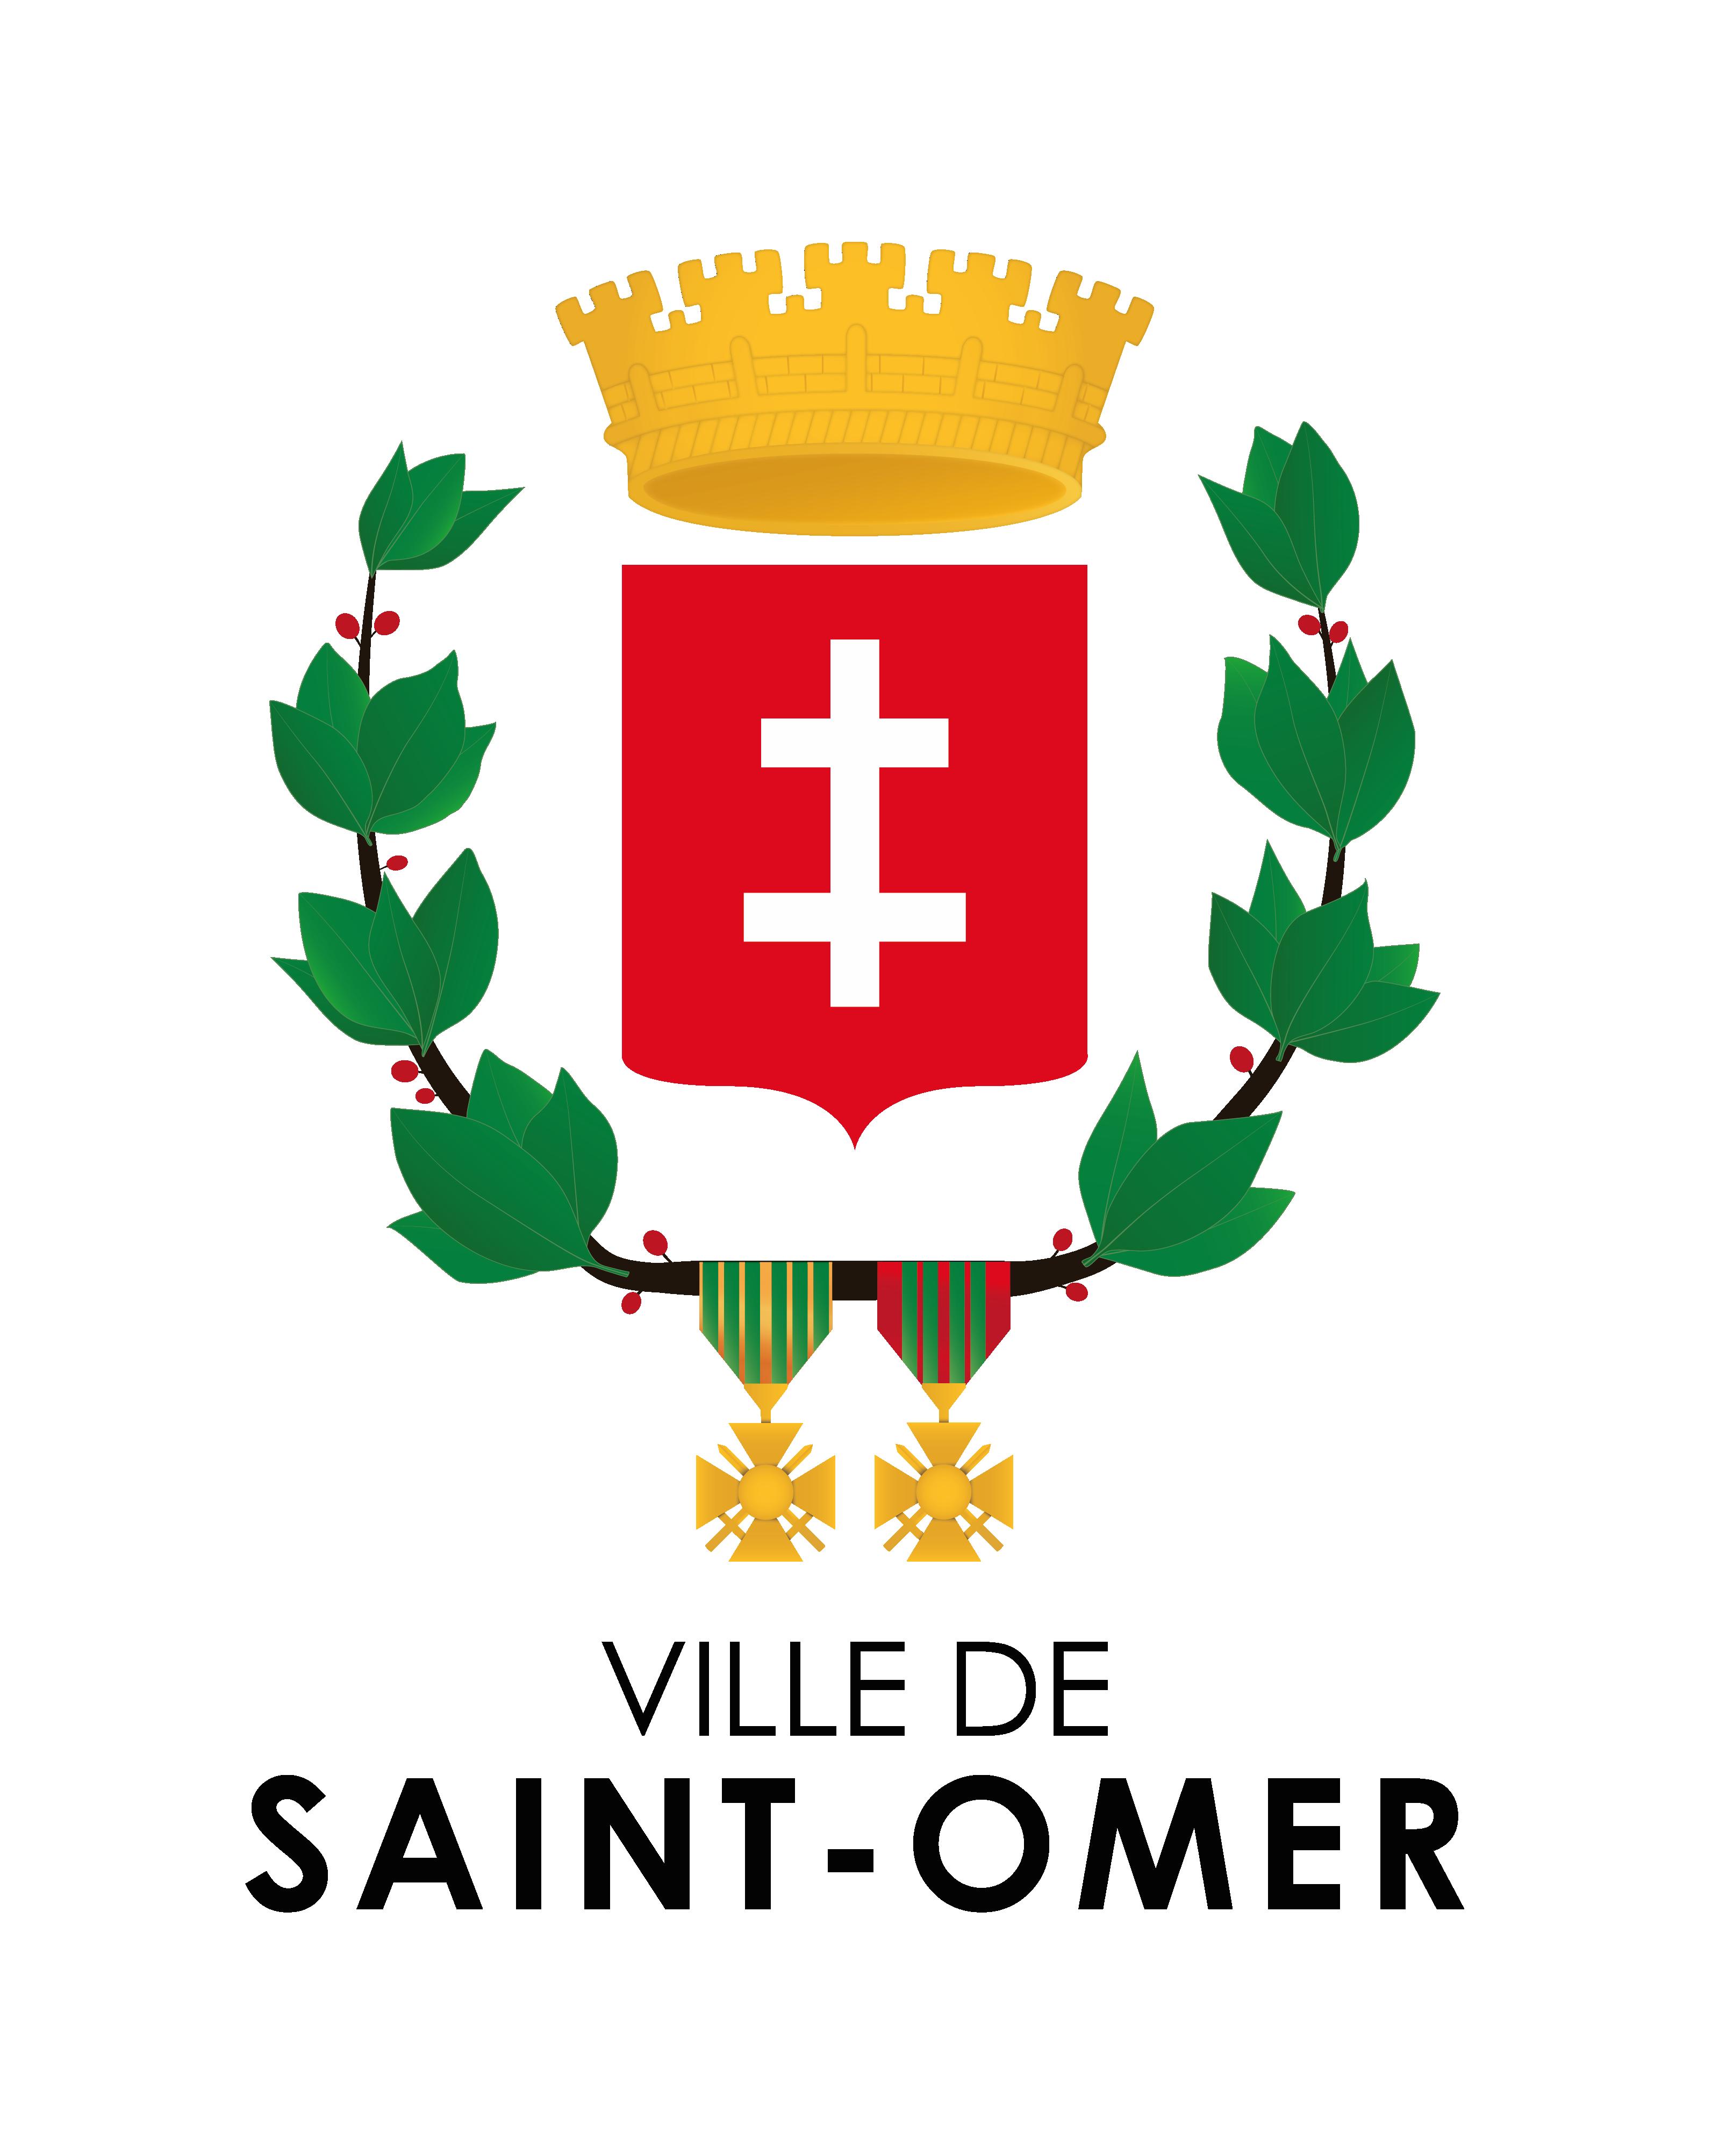 Ville de Saint Omer